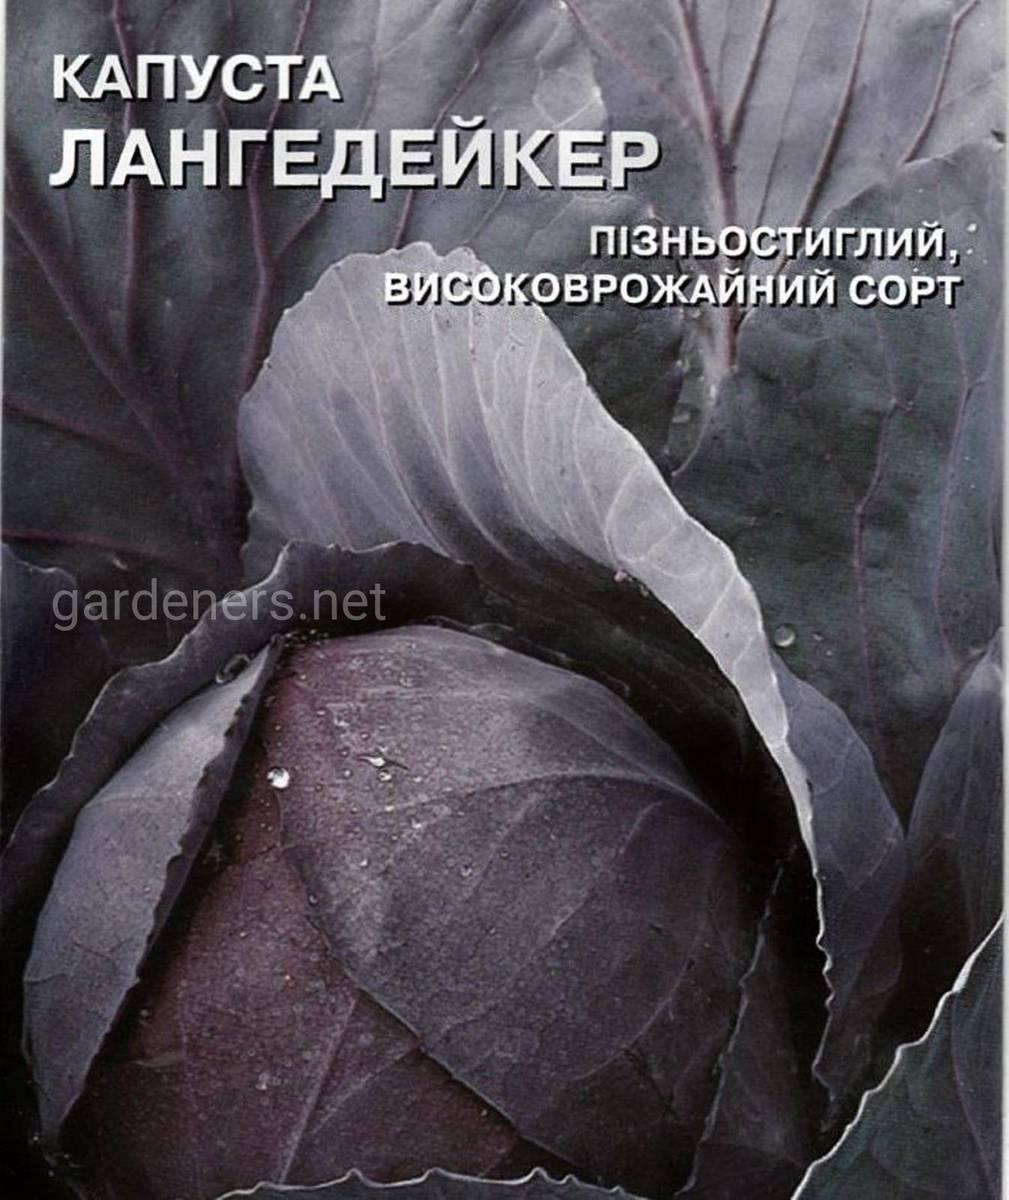 Сорт капусты Лангедейкер